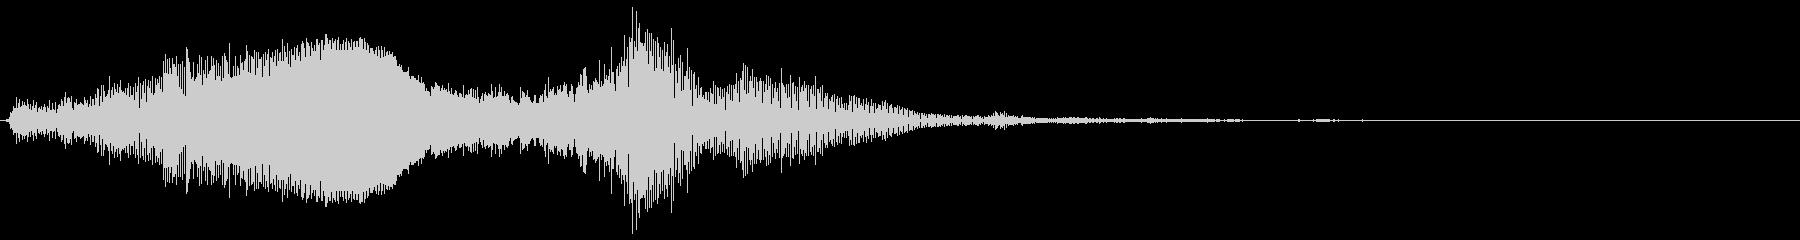 複数のエイリアンの声;奇妙な低コン...の未再生の波形